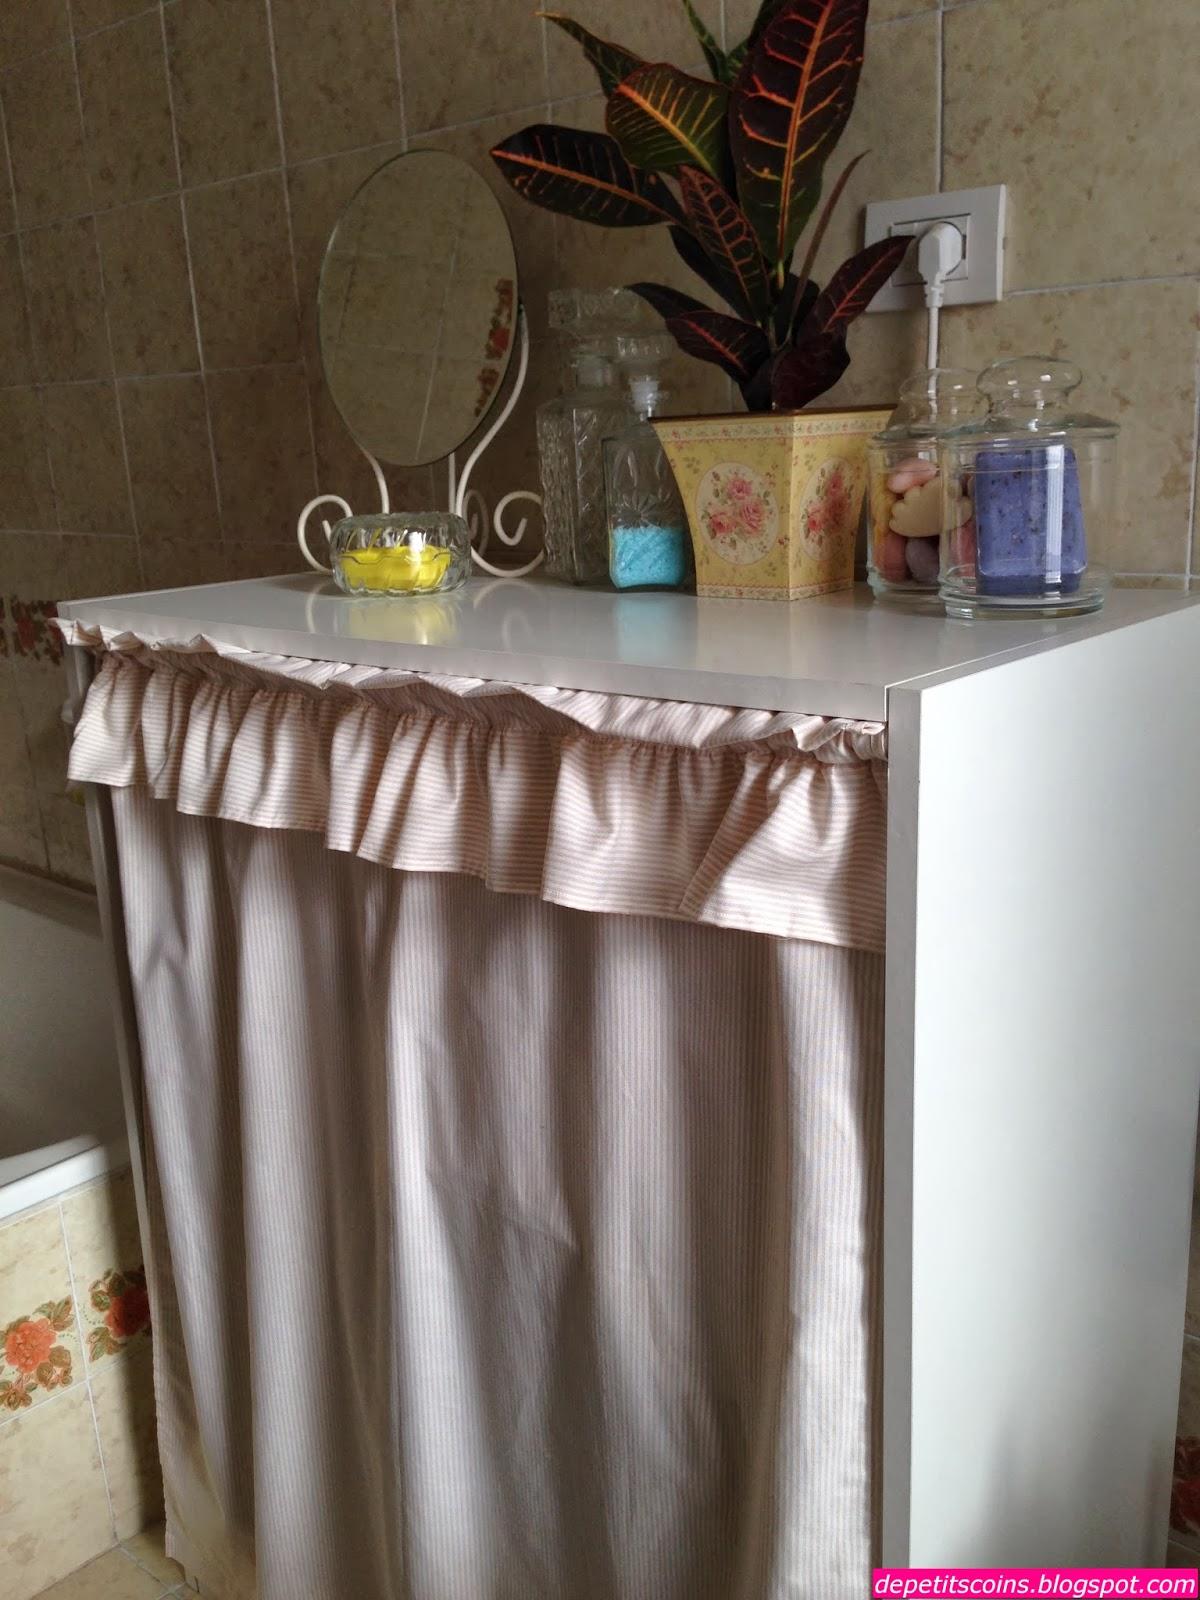 De petits coins mobile copri lavatrice - Sale da bagno fai da te ...